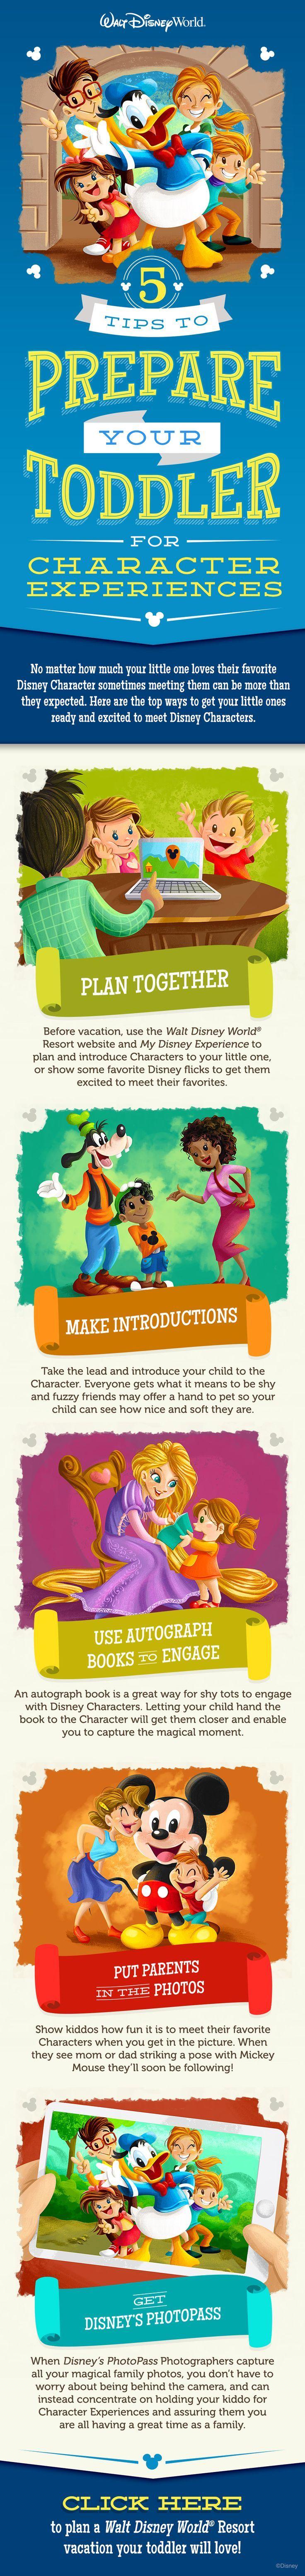 5 suggerimenti per preparare i tuoi figli ad incontrare i personaggi  Walt Disney World! #vacation #DisneyKids